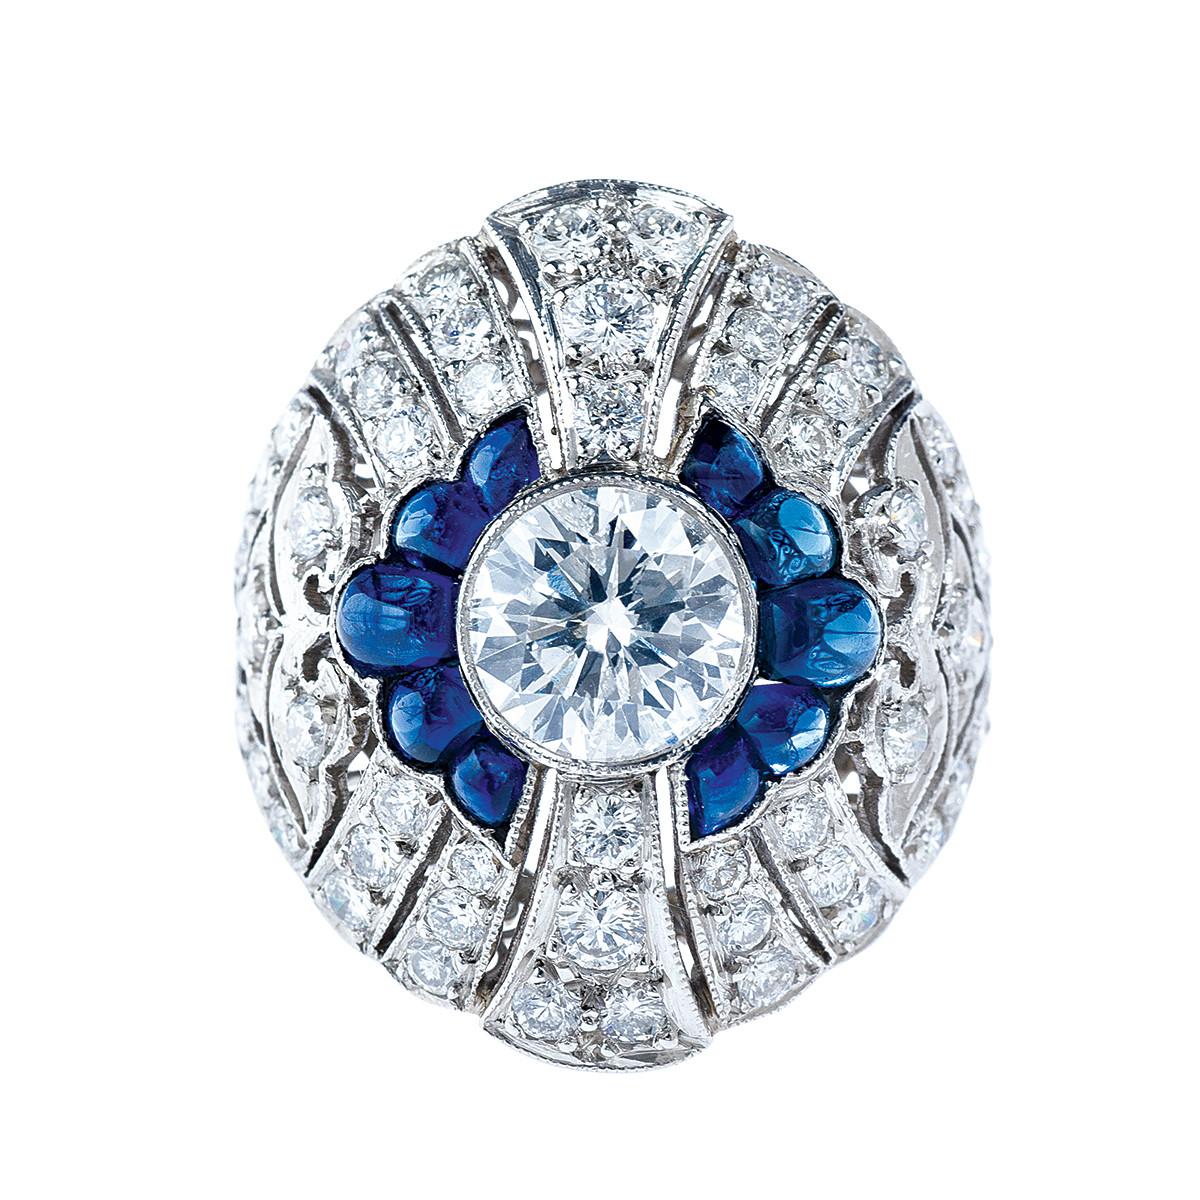 3.55 CTW Diamond & Sapphire Ring